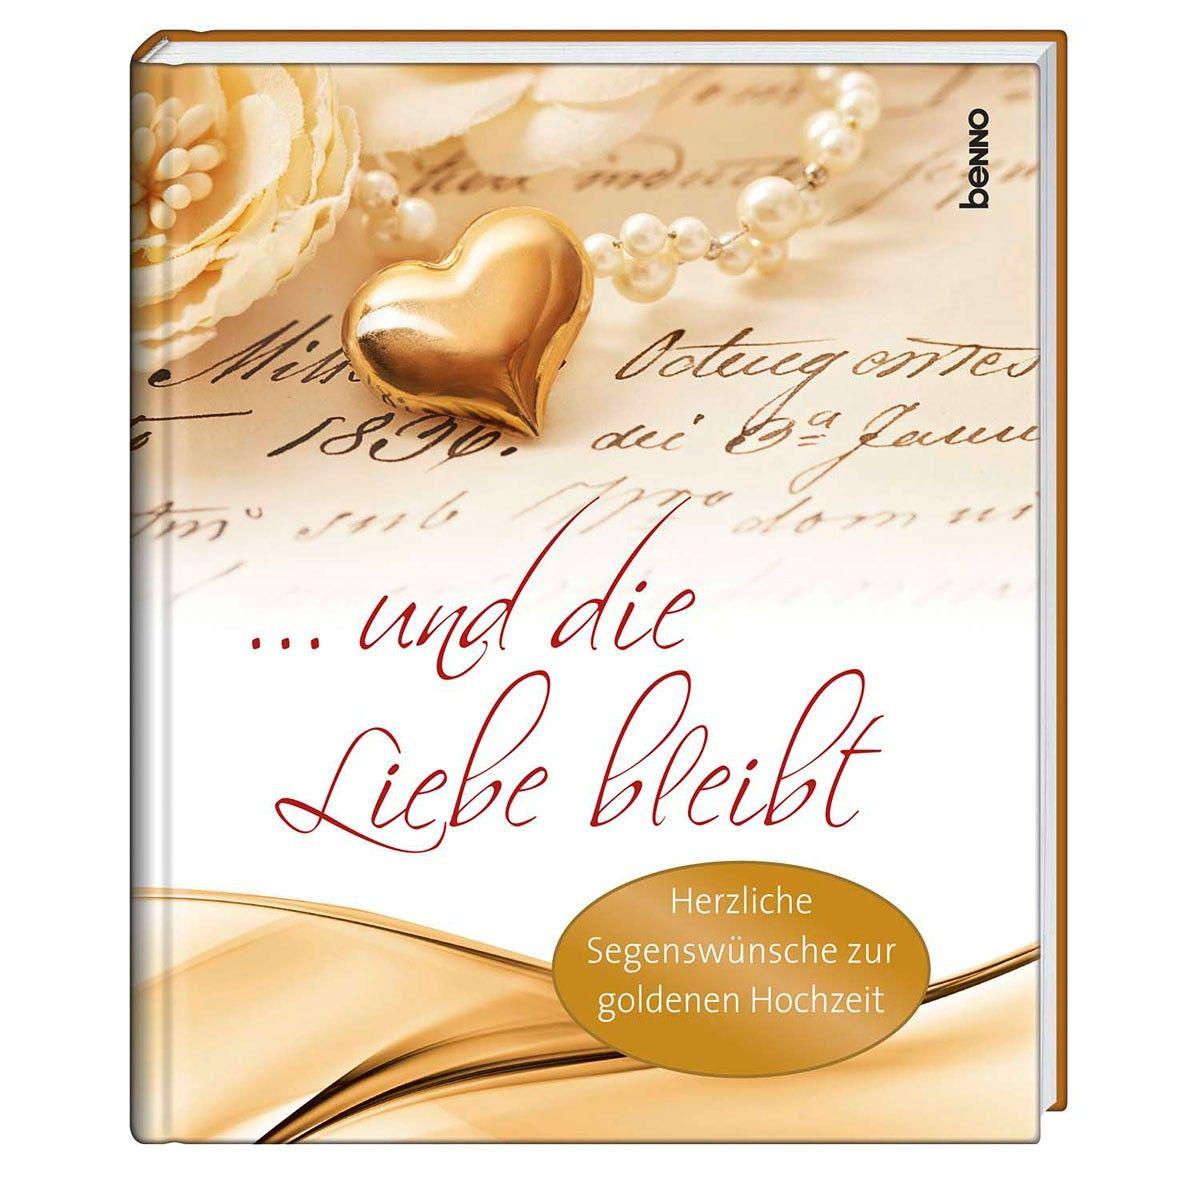 Christliche Spruche Zur Goldenen Hochzeit Einzigartig Goldene